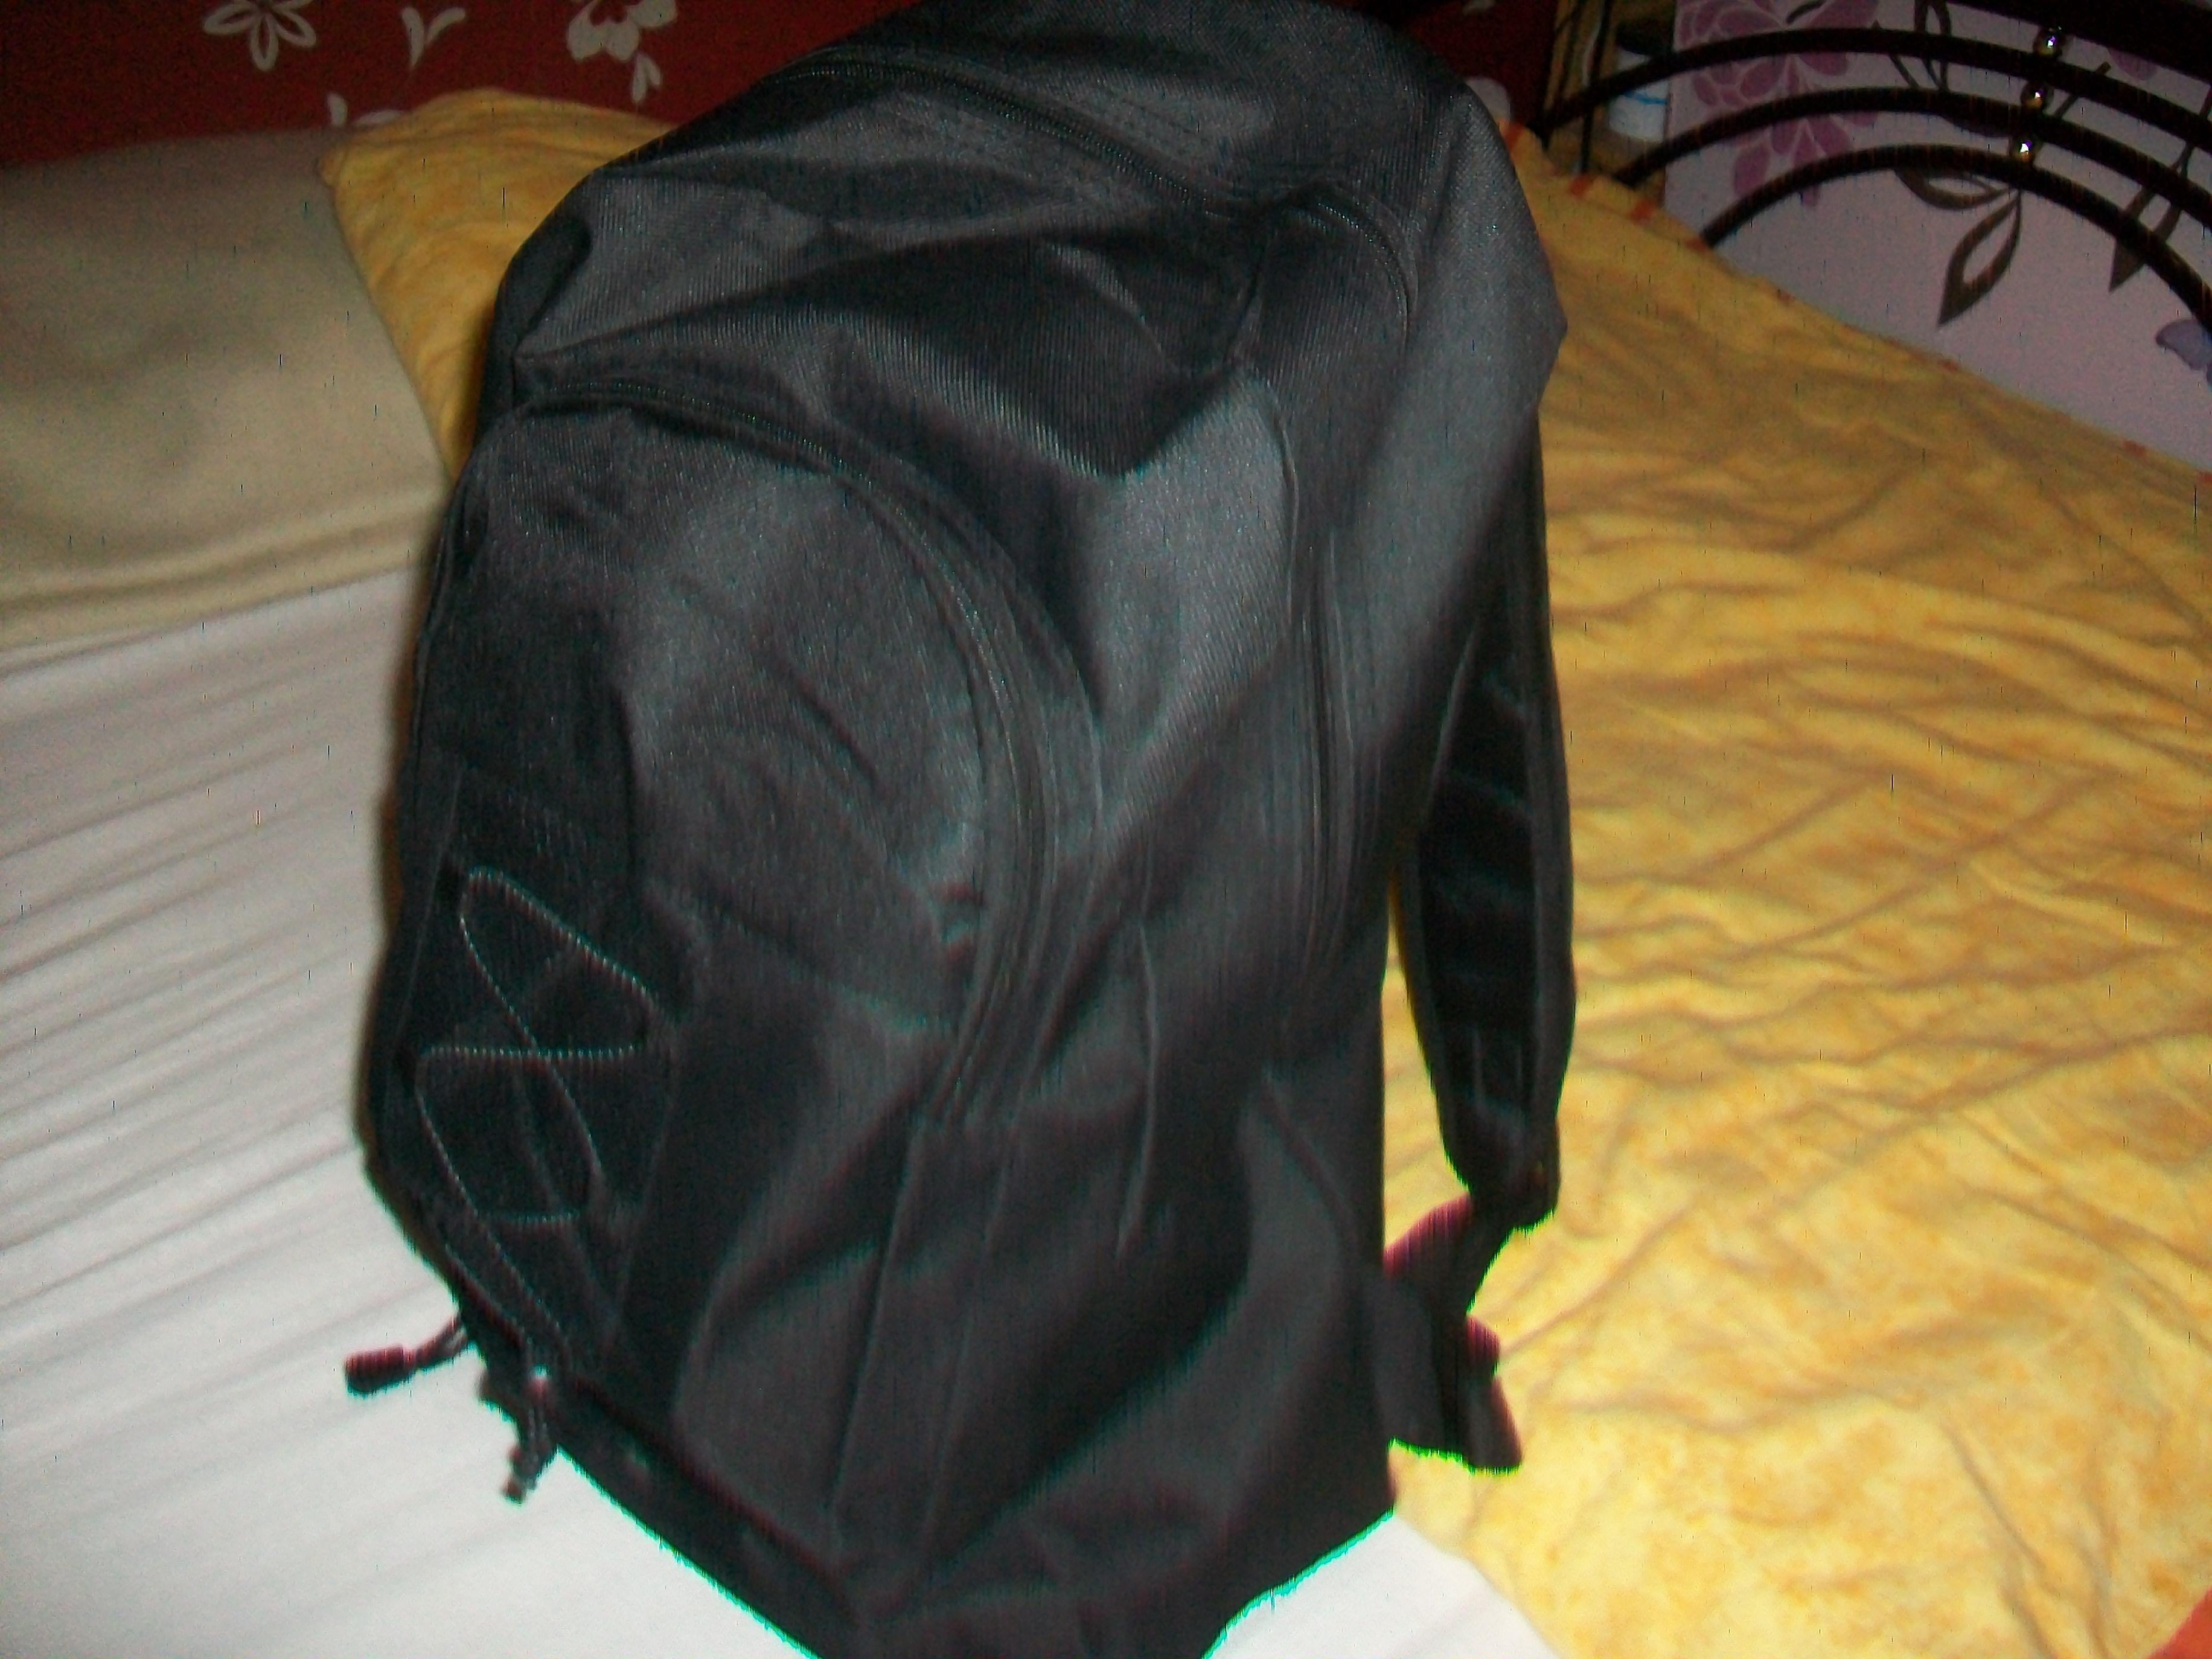 wie werde ich den gestank aus meinen rucksack los chemie geruch. Black Bedroom Furniture Sets. Home Design Ideas